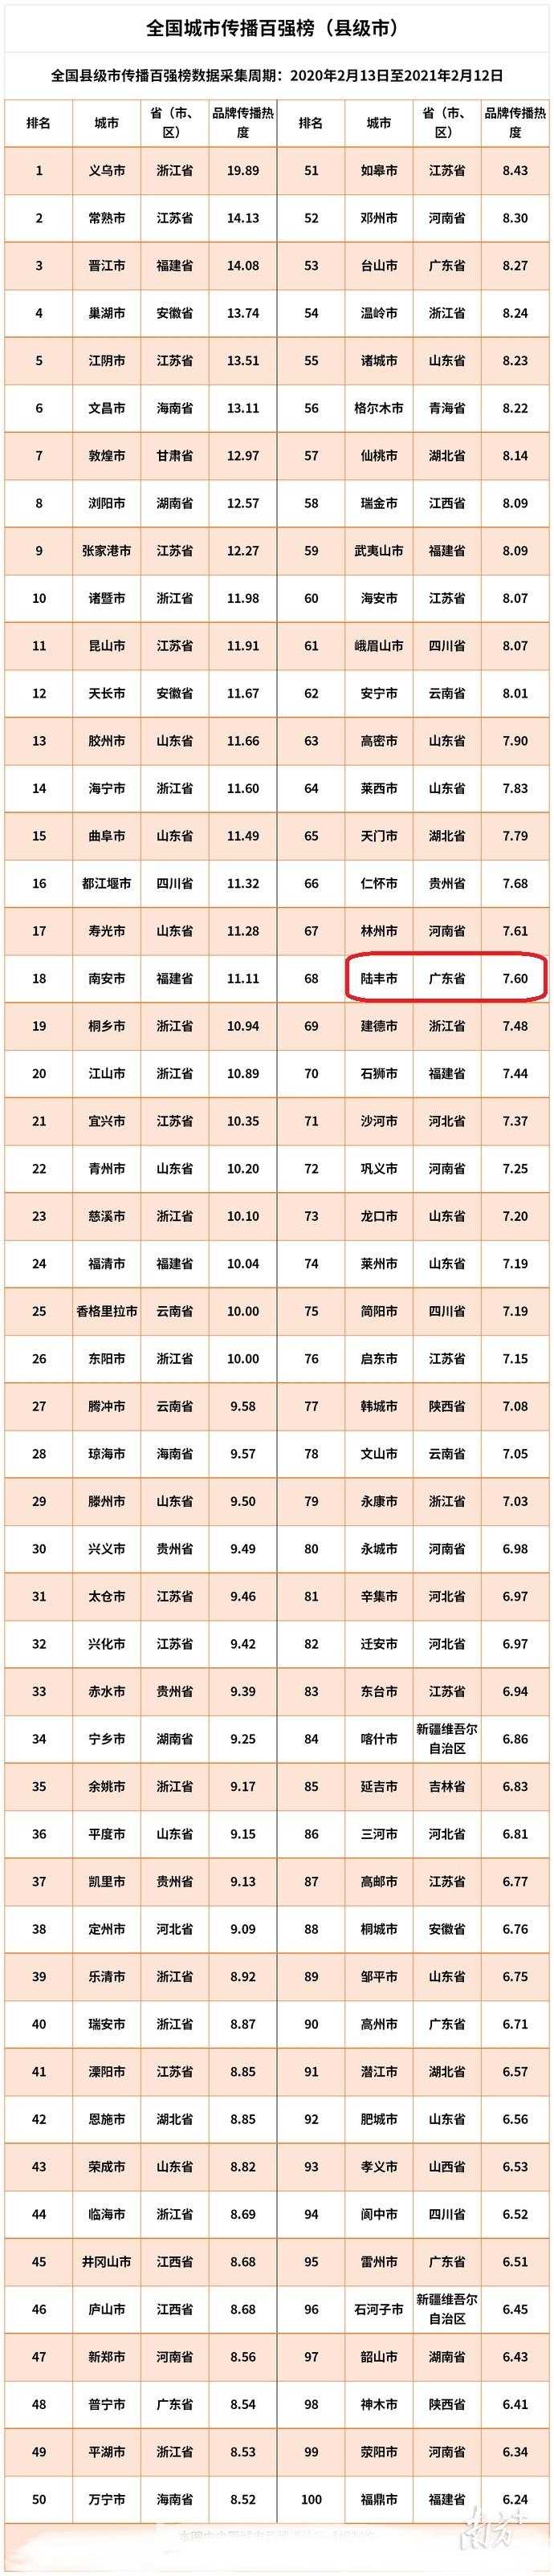 全国城市传播百强榜(县级市),由中国城市品牌评价项目组制图。